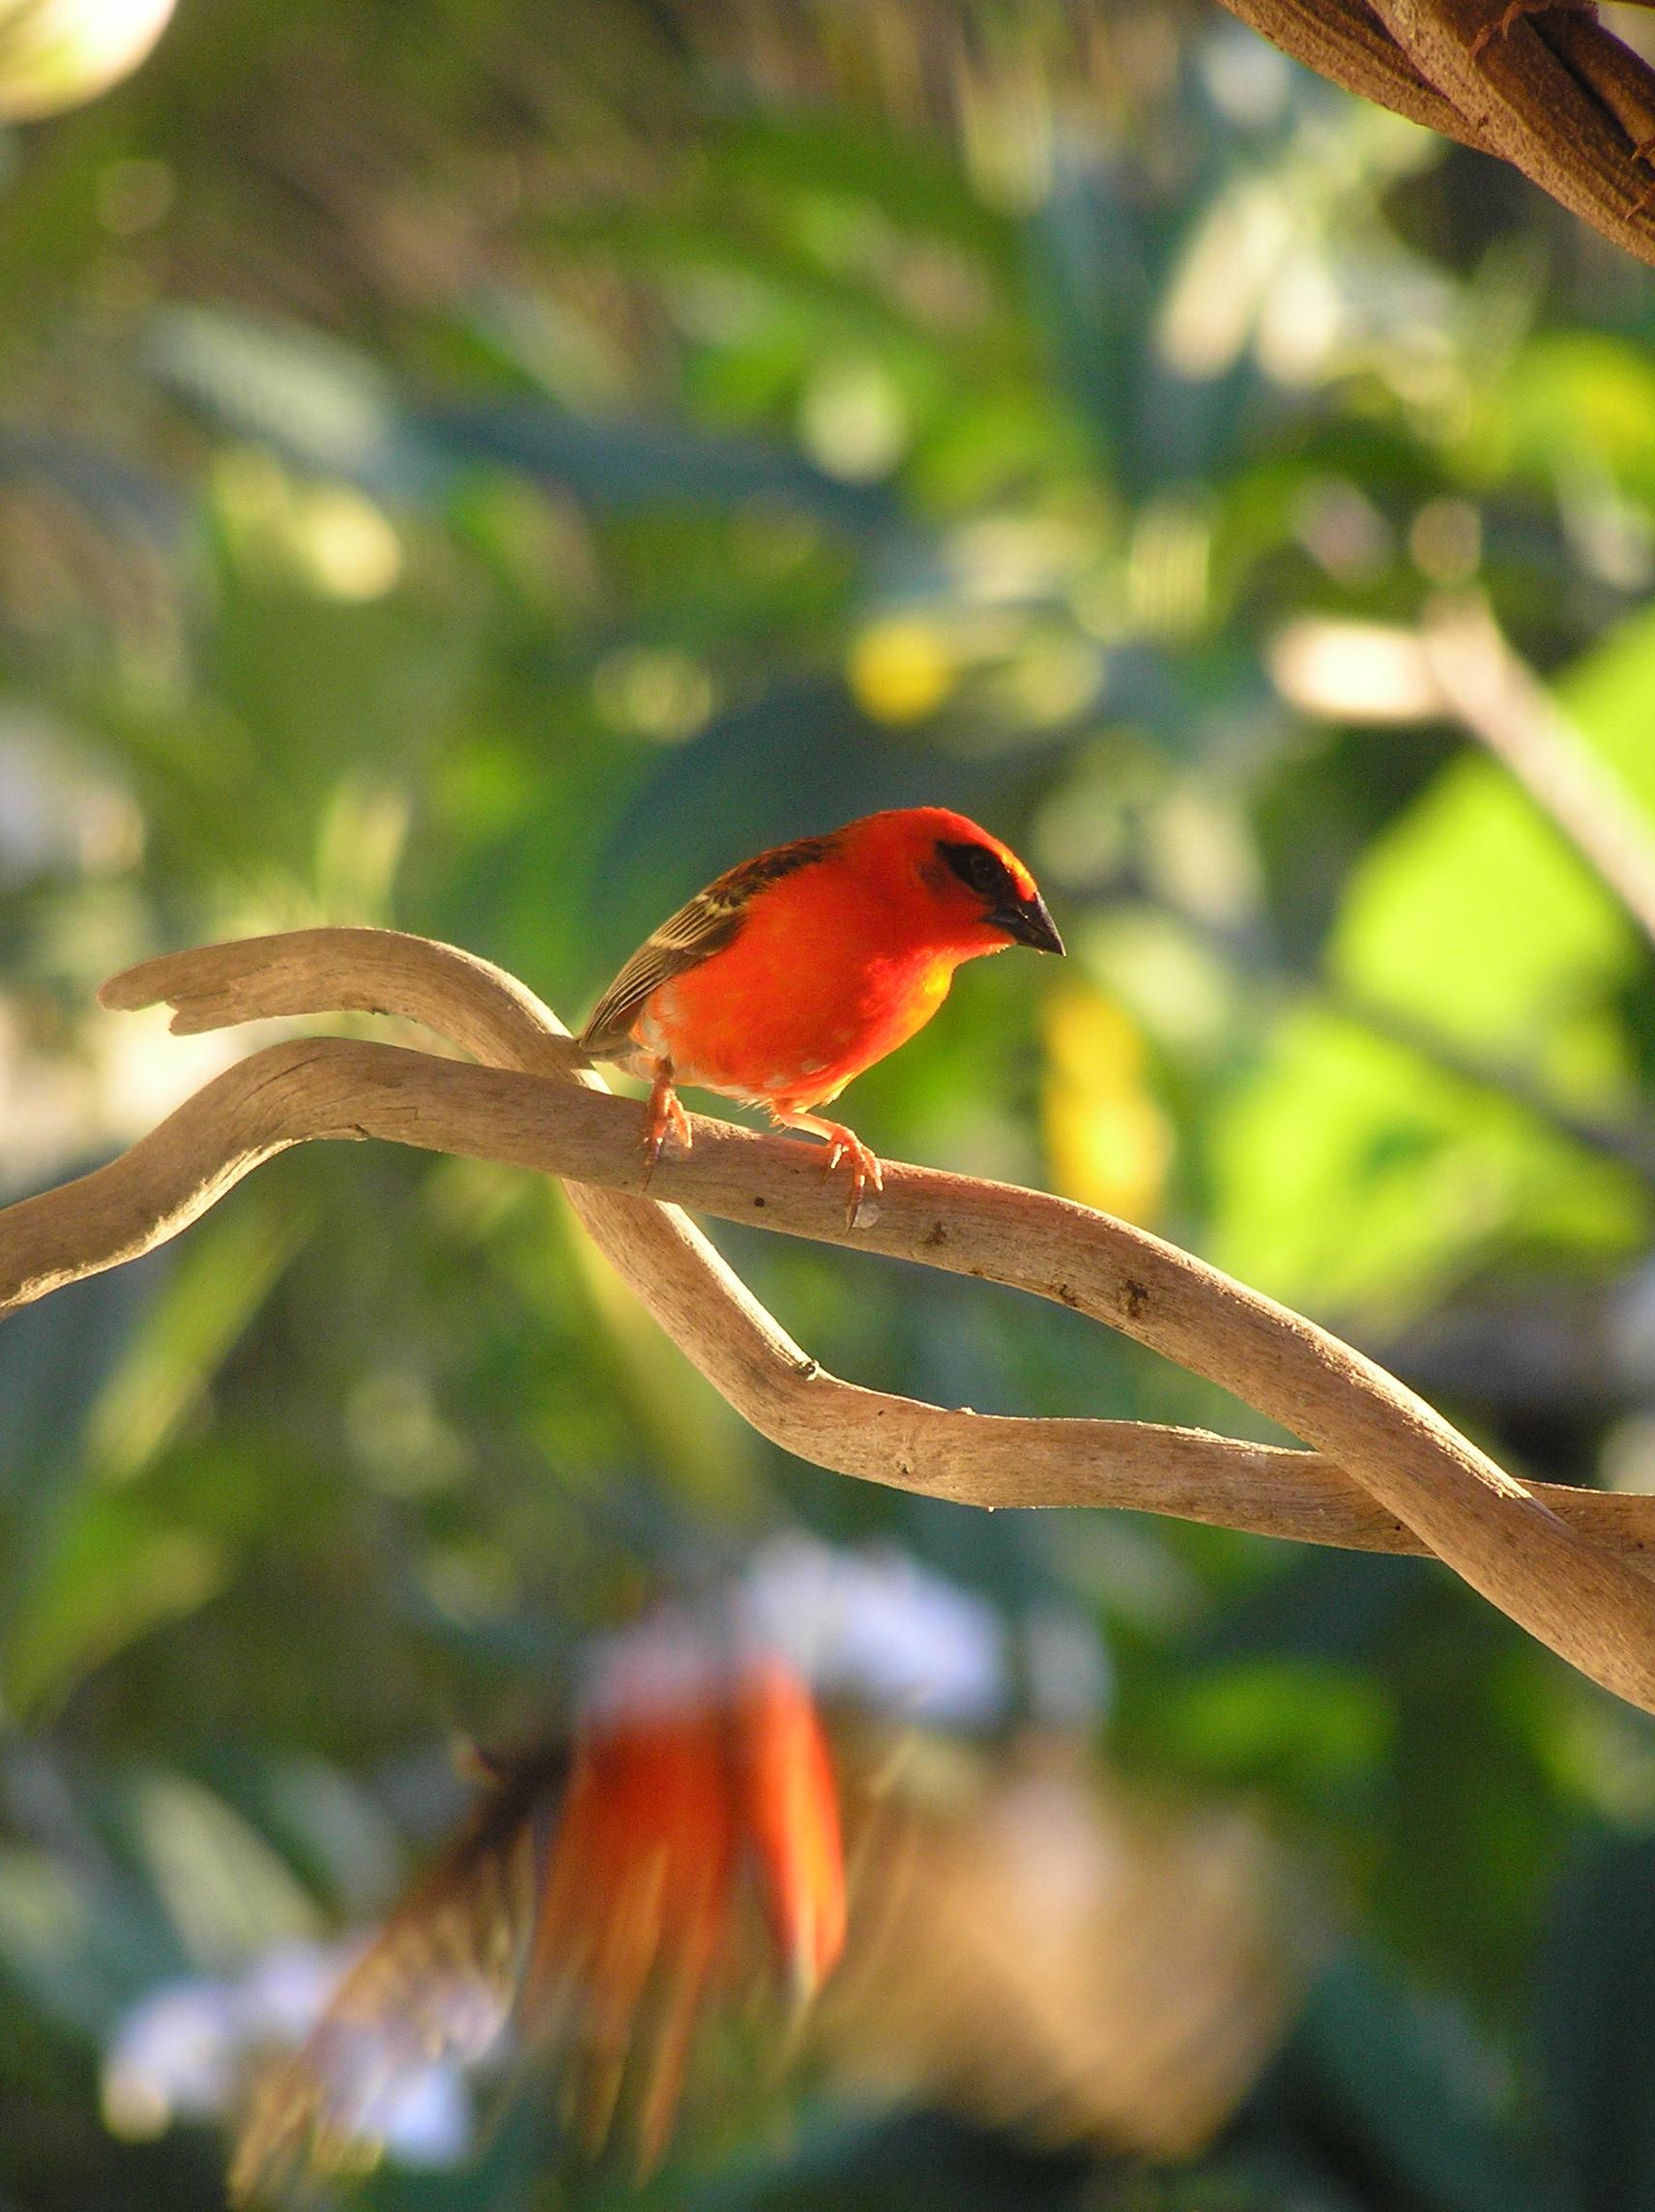 летом платье мадагаскарские птицы фото всего лишь